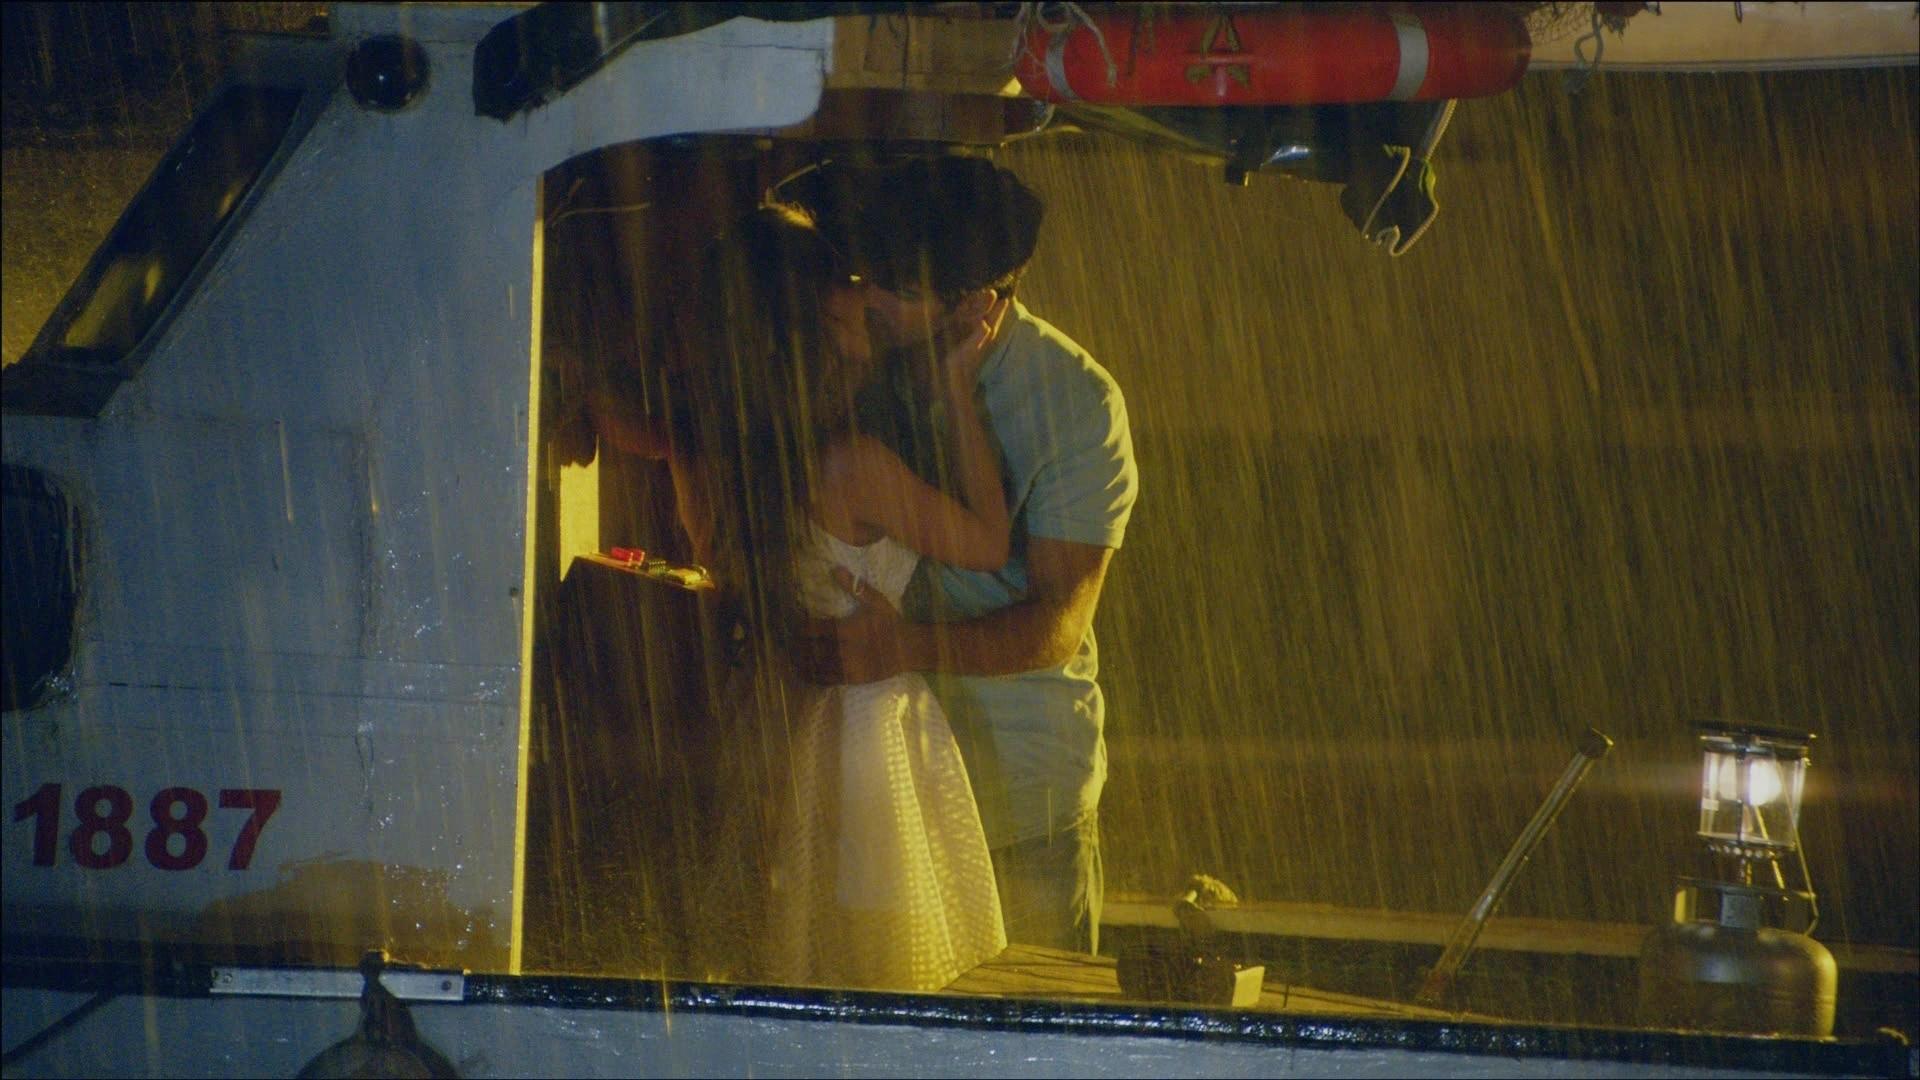 IMAGINI INEDITE cu scenele primei nopti de DRAGOSTE dintre Kemal si Nihan! Dragostea celor doi protagonisti a fost IMPOSIBILA, insa ipostazele lor de iubire vor ramane pentru totdeauna in inimile fanilor